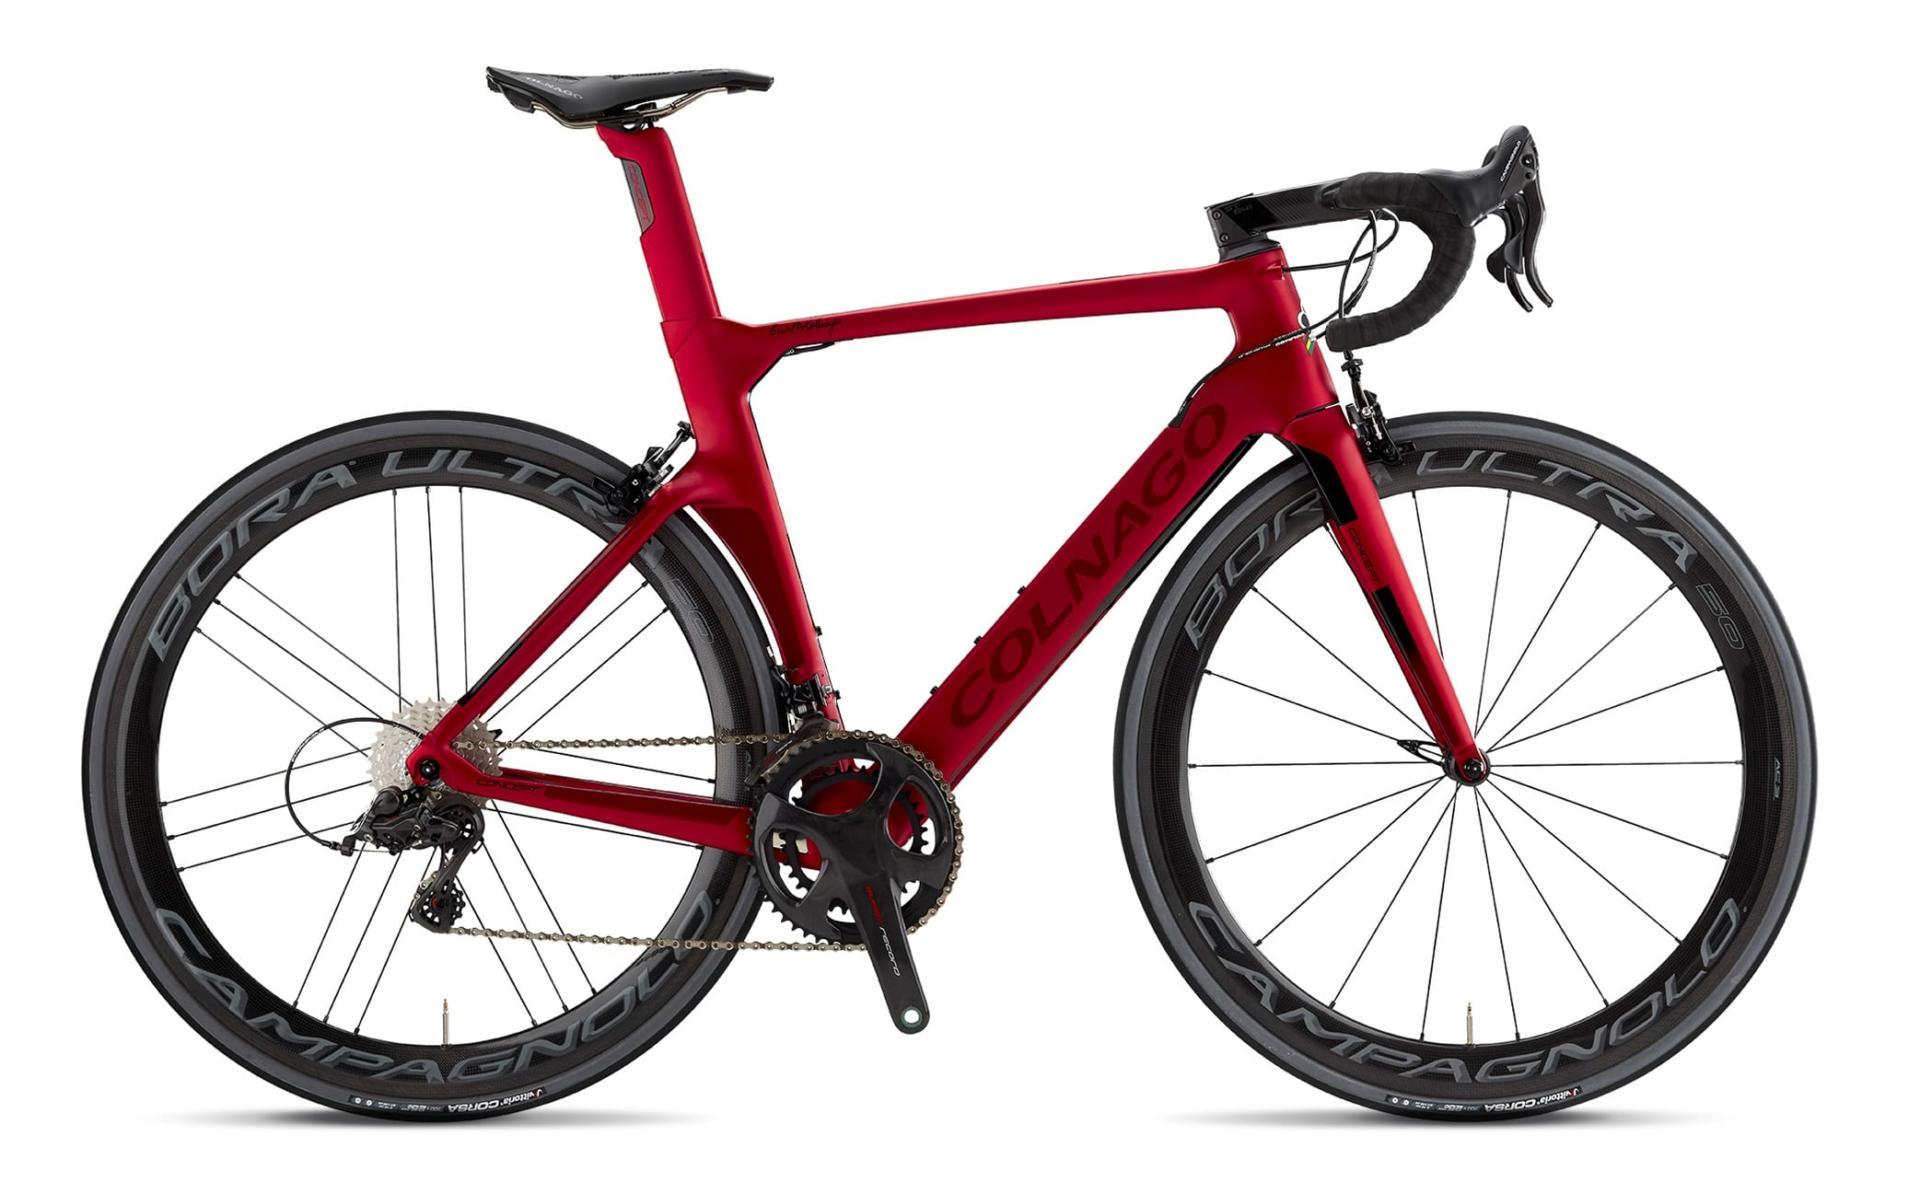 Colnago-Concept-All-Bikes-Putte-Ludwig-Wynants-racefietsen-elektrische-fietsen-mountainbikes-koersfiets-kopen-herstellingen